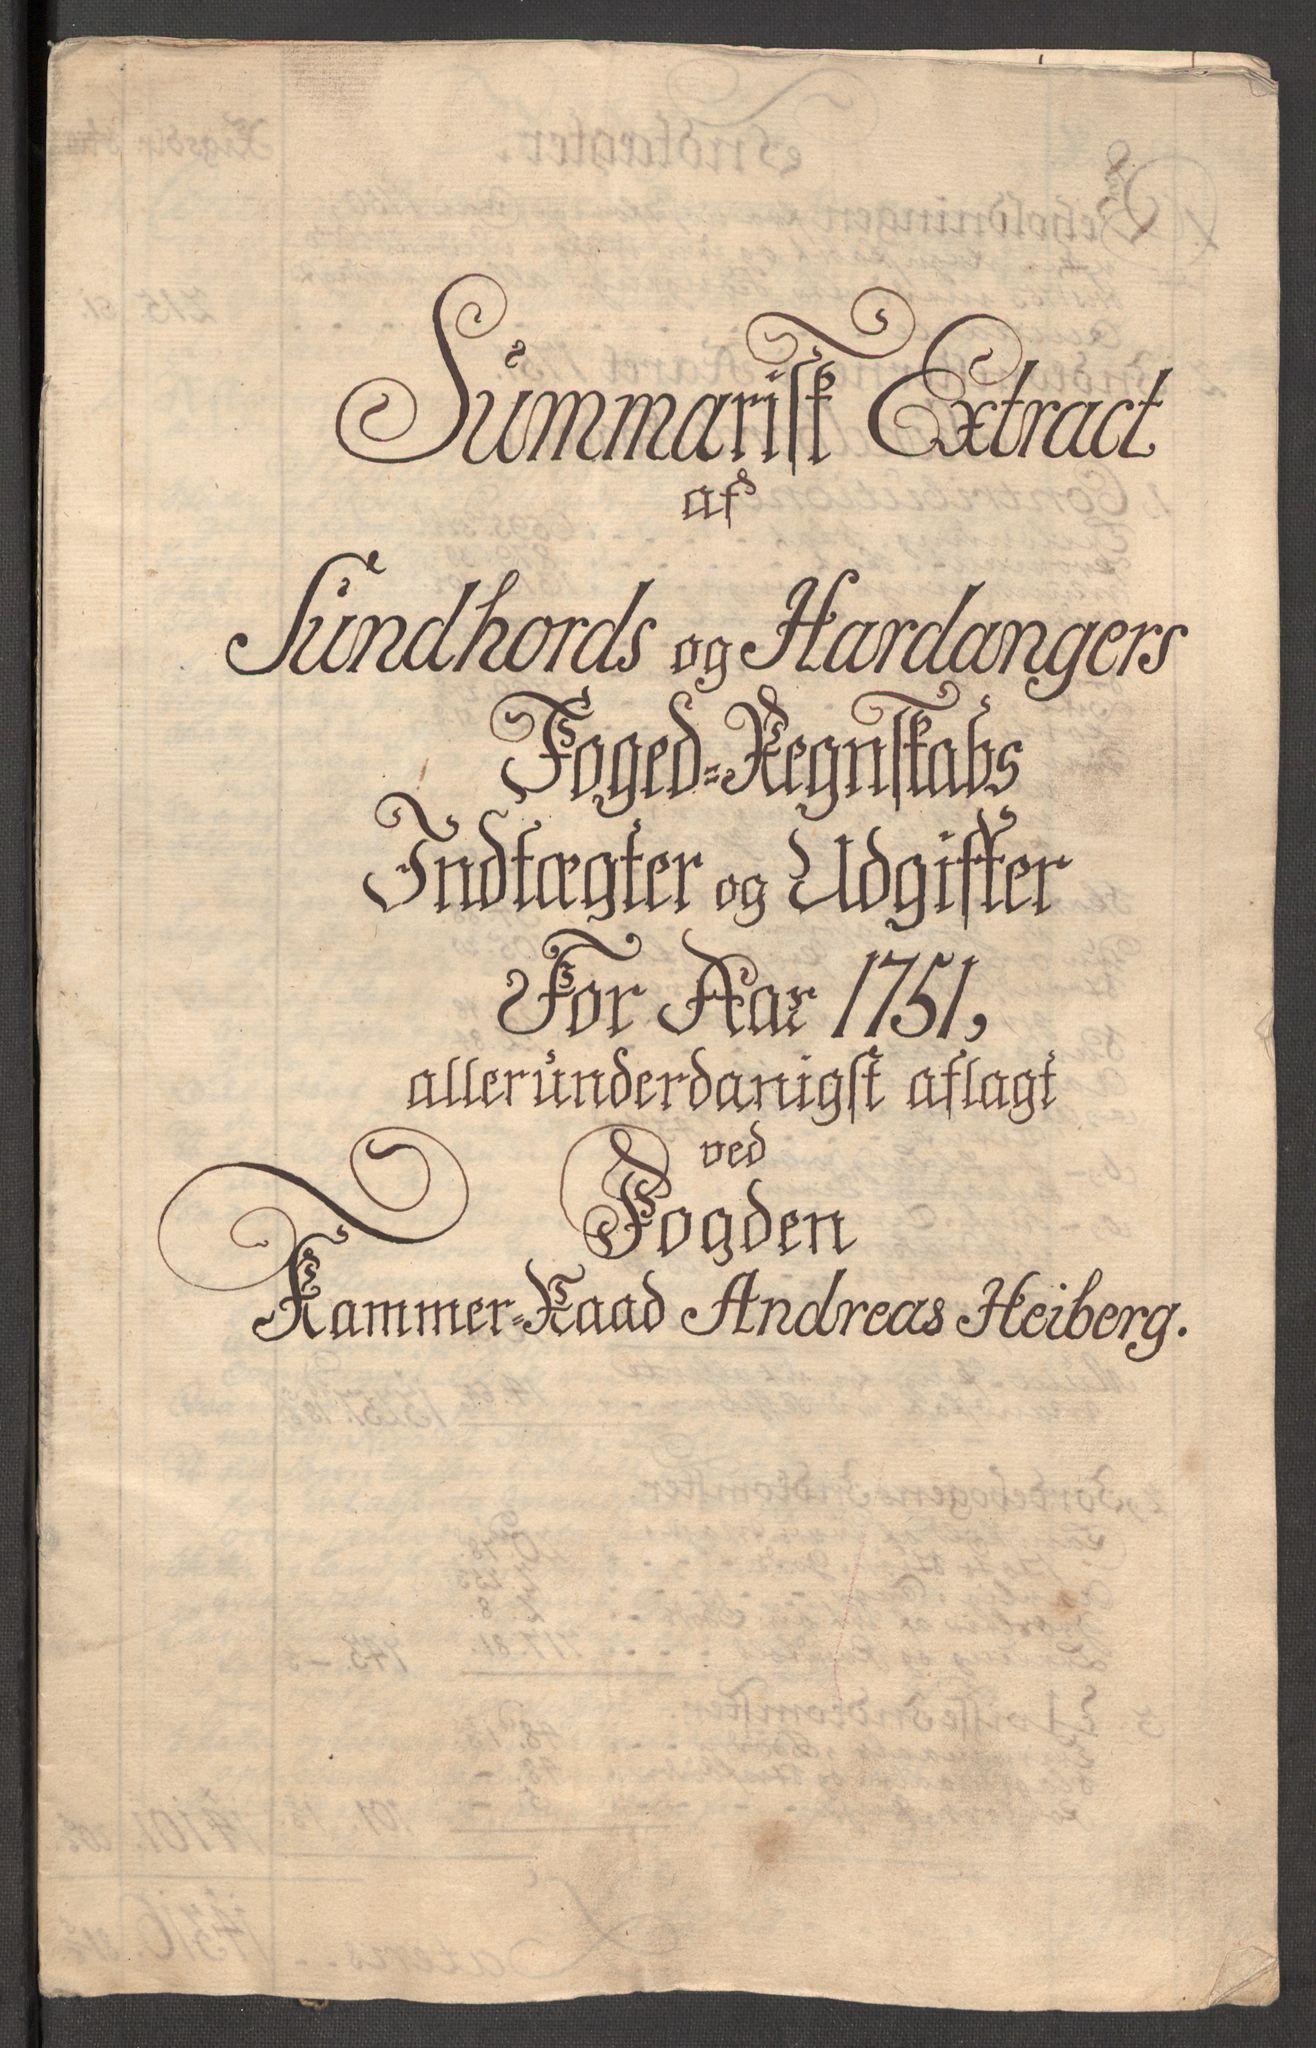 RA, Rentekammeret inntil 1814, Reviderte regnskaper, Fogderegnskap, R48/L3056: Fogderegnskap Sunnhordland og Hardanger, 1751, s. 71